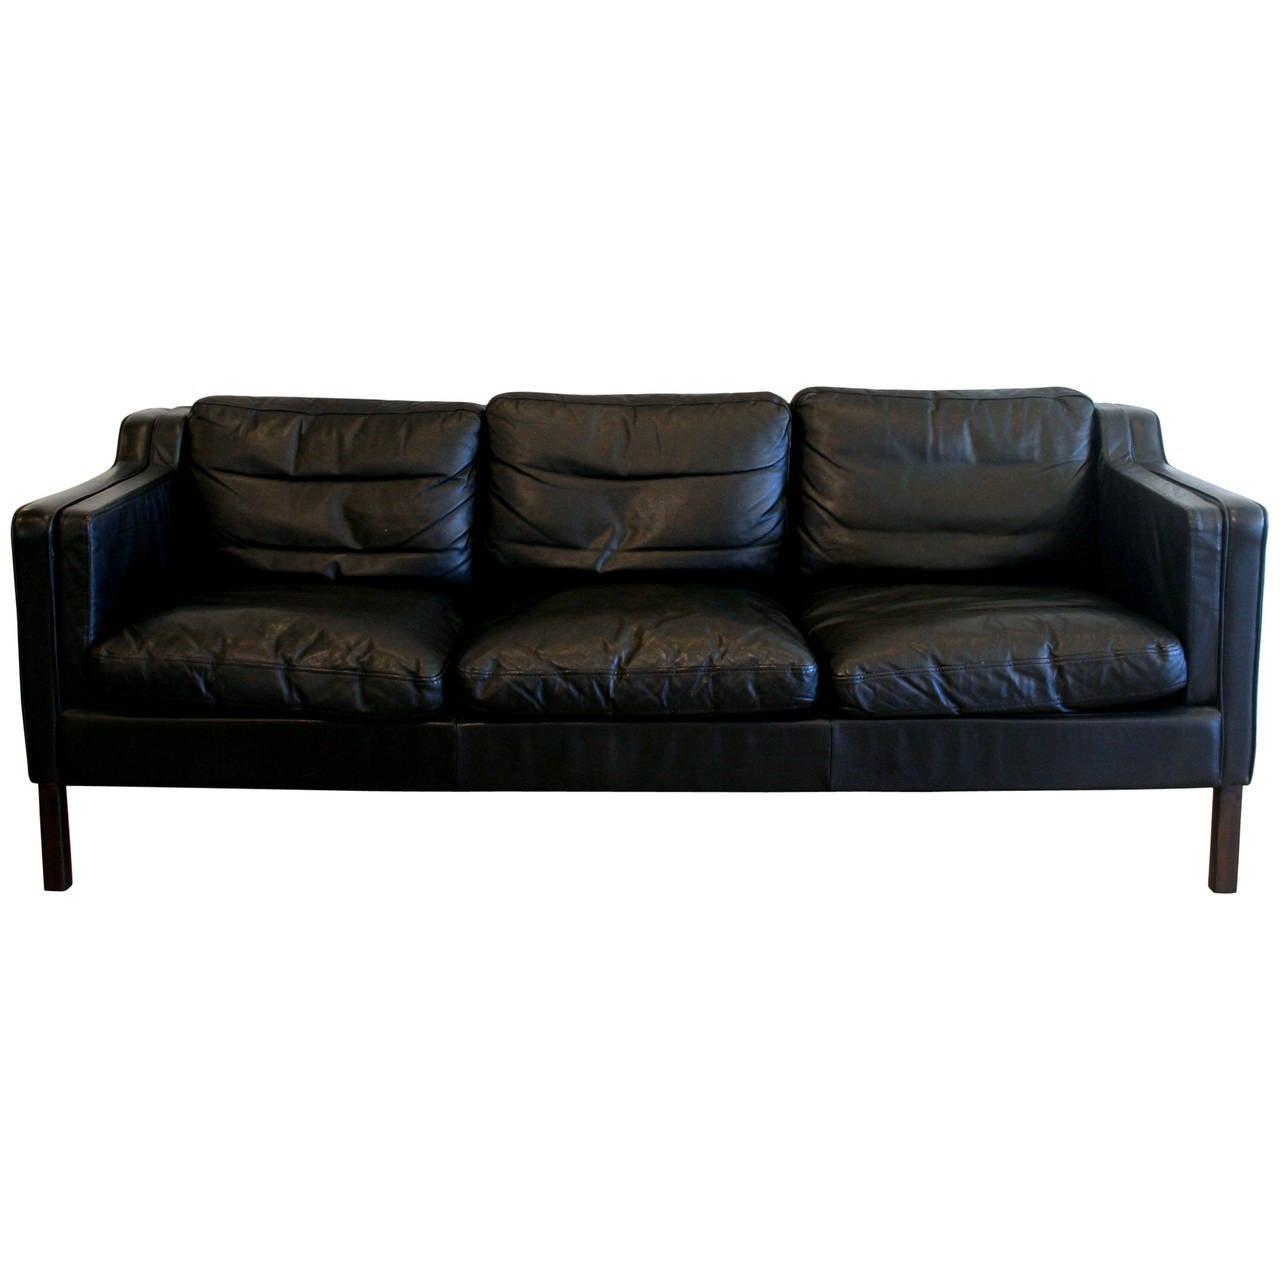 vintage danish black three seat leather sofa at 1stdibs